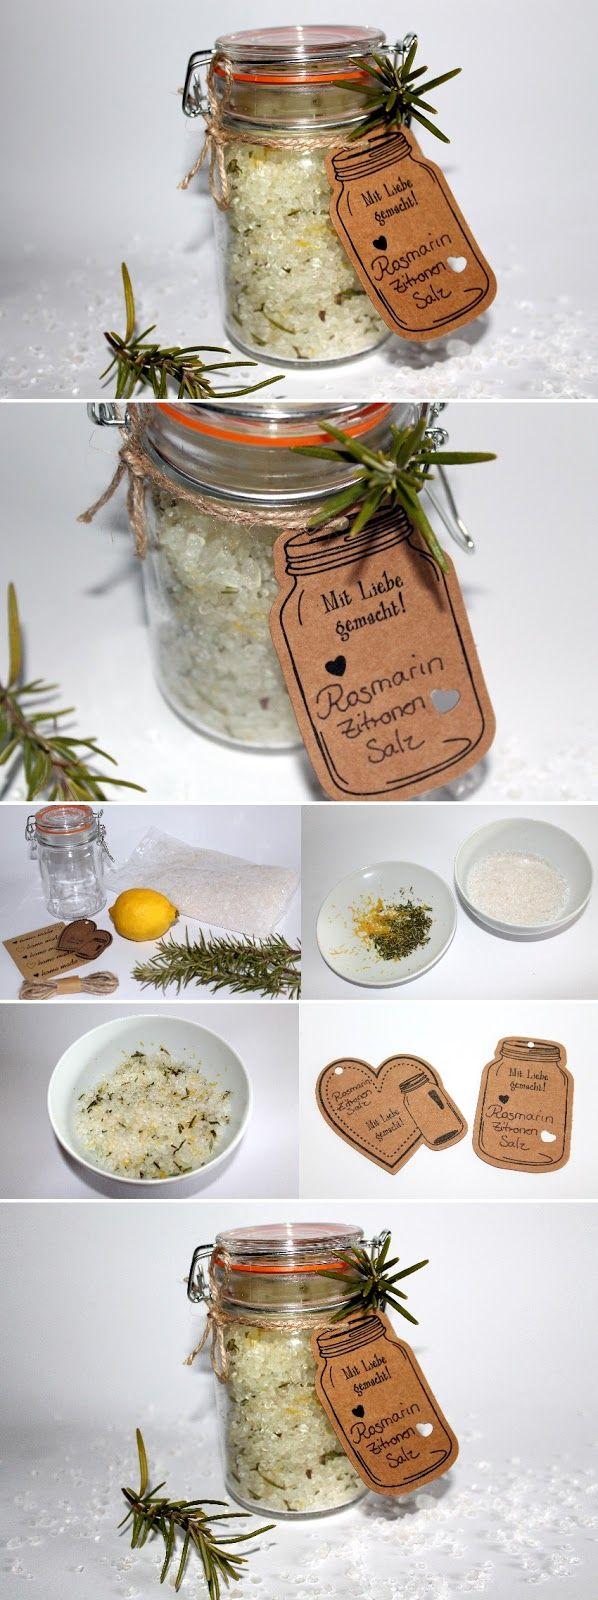 Mitbringsel aus der küche  DIY Rosmarin-Zitronen Salz | Selbermachen geschenke, Geschenke aus ...